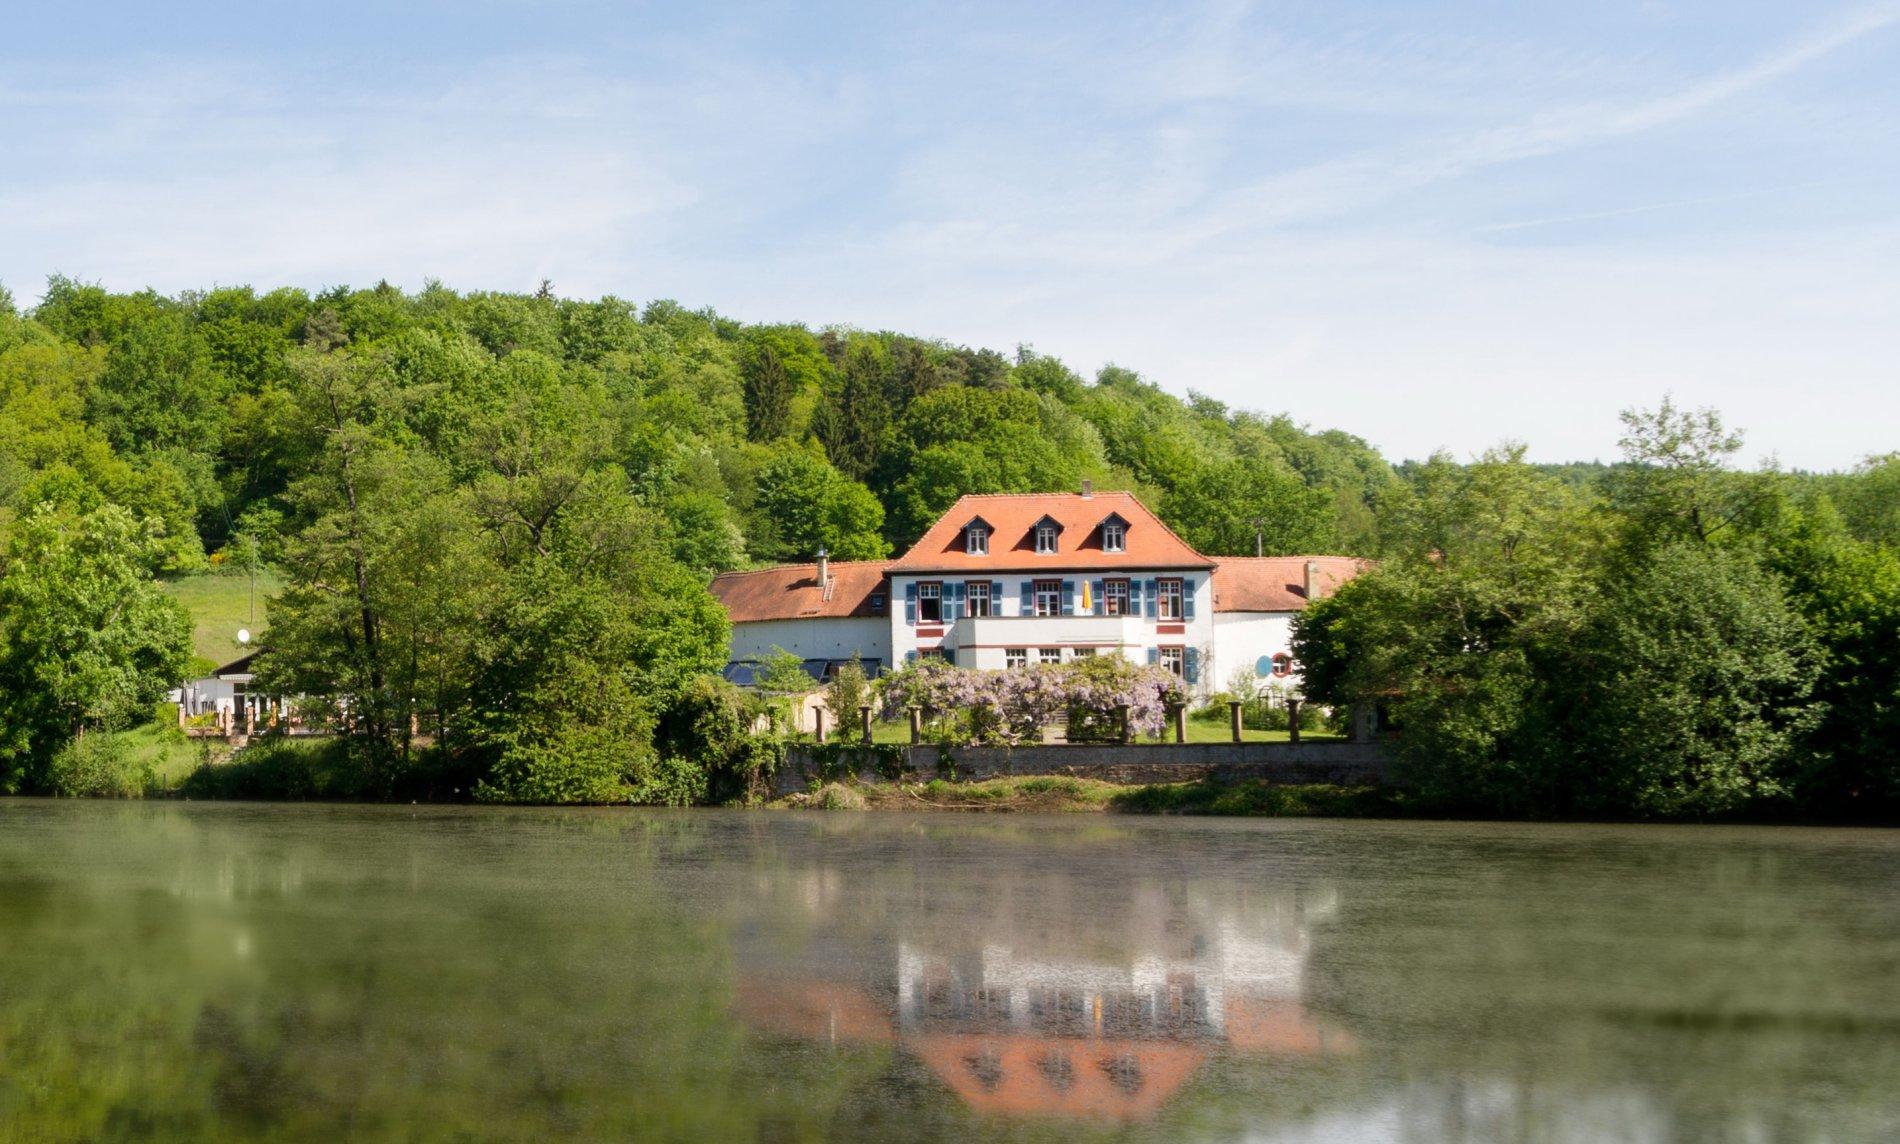 Blick auf das Hotel Annahof am Würzbacher Weiher in Blieskastel-Niederwürzbach